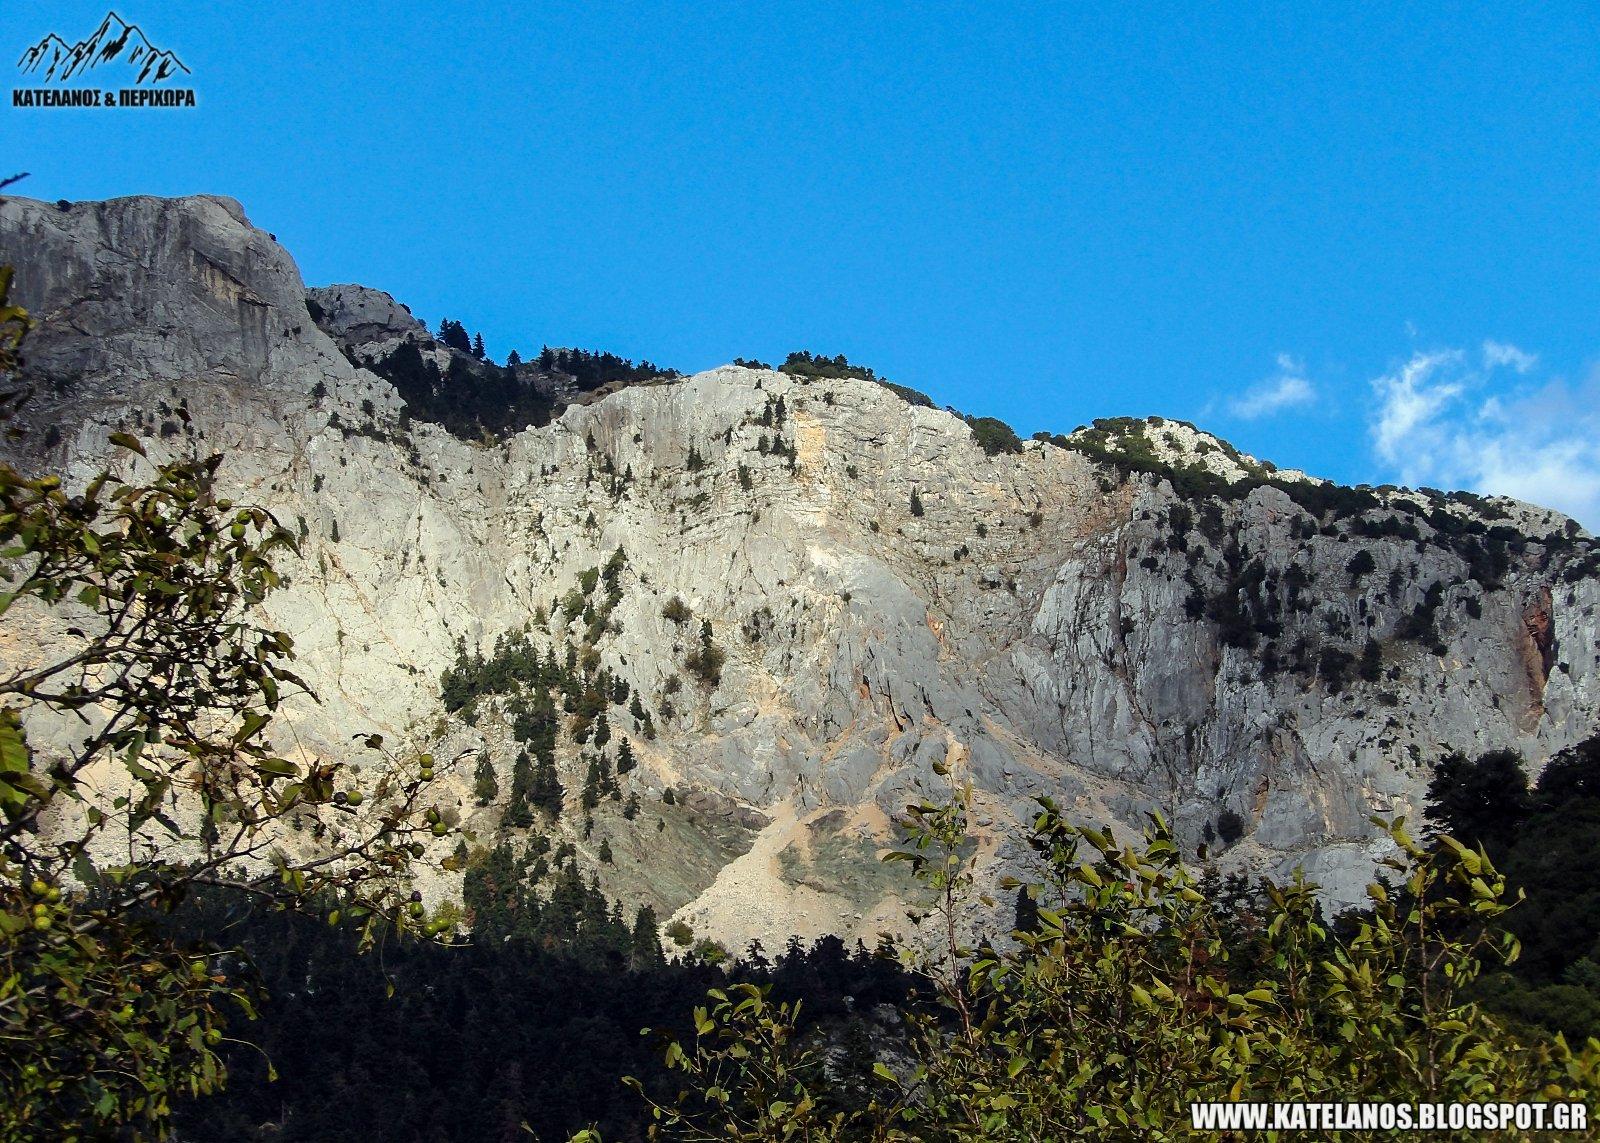 γκρεμός βραχώδες βουνό προφήτης ηλίας σκαλτίνας